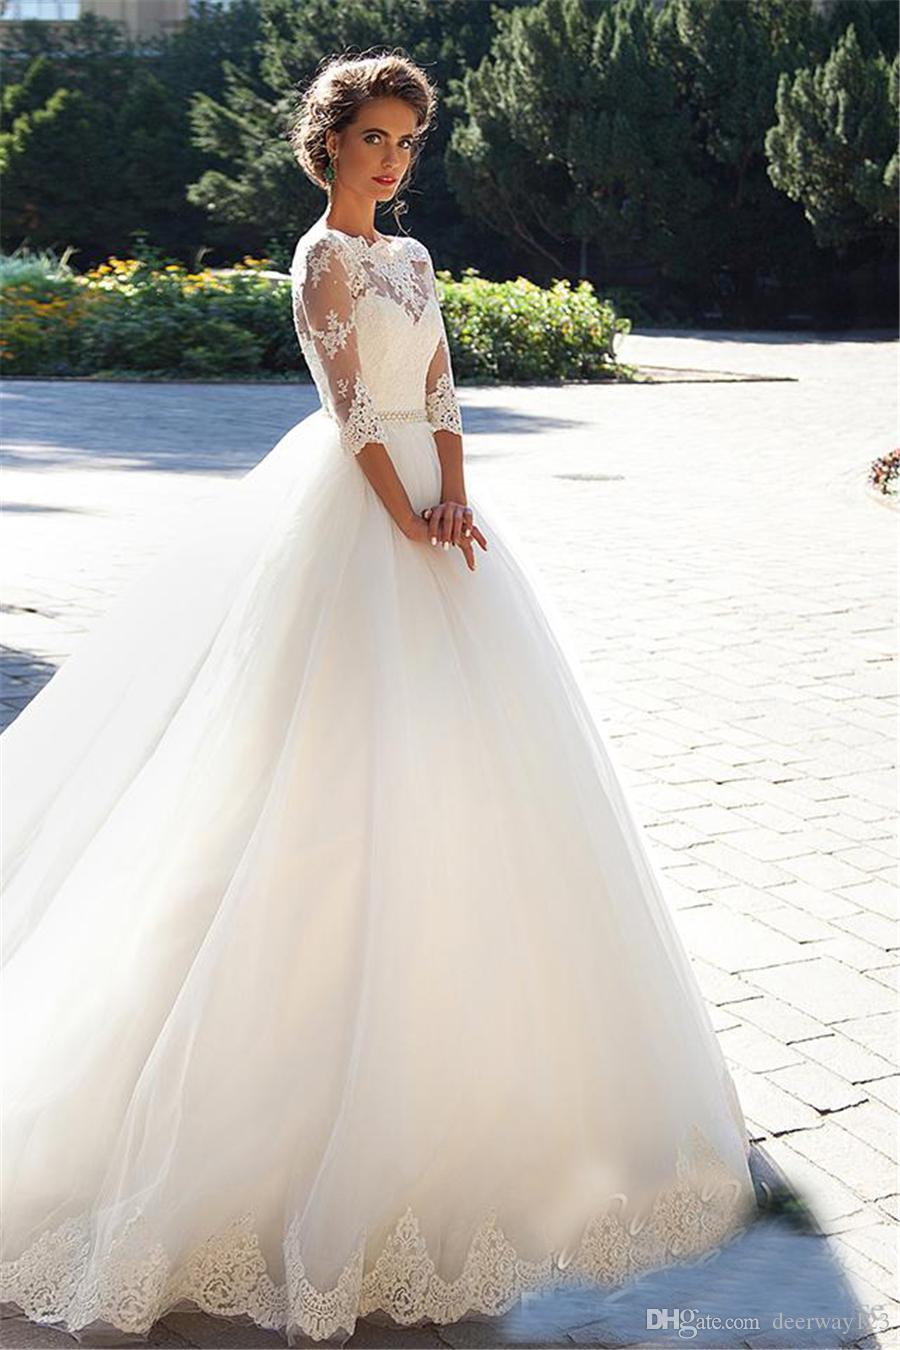 Bateau 3/4 lange Ärmel Pearls Tüll Prinzessin Günstige Brautkugelkleider plus Größe Land Vintage Spitze Millanova 2020 Brautkleider